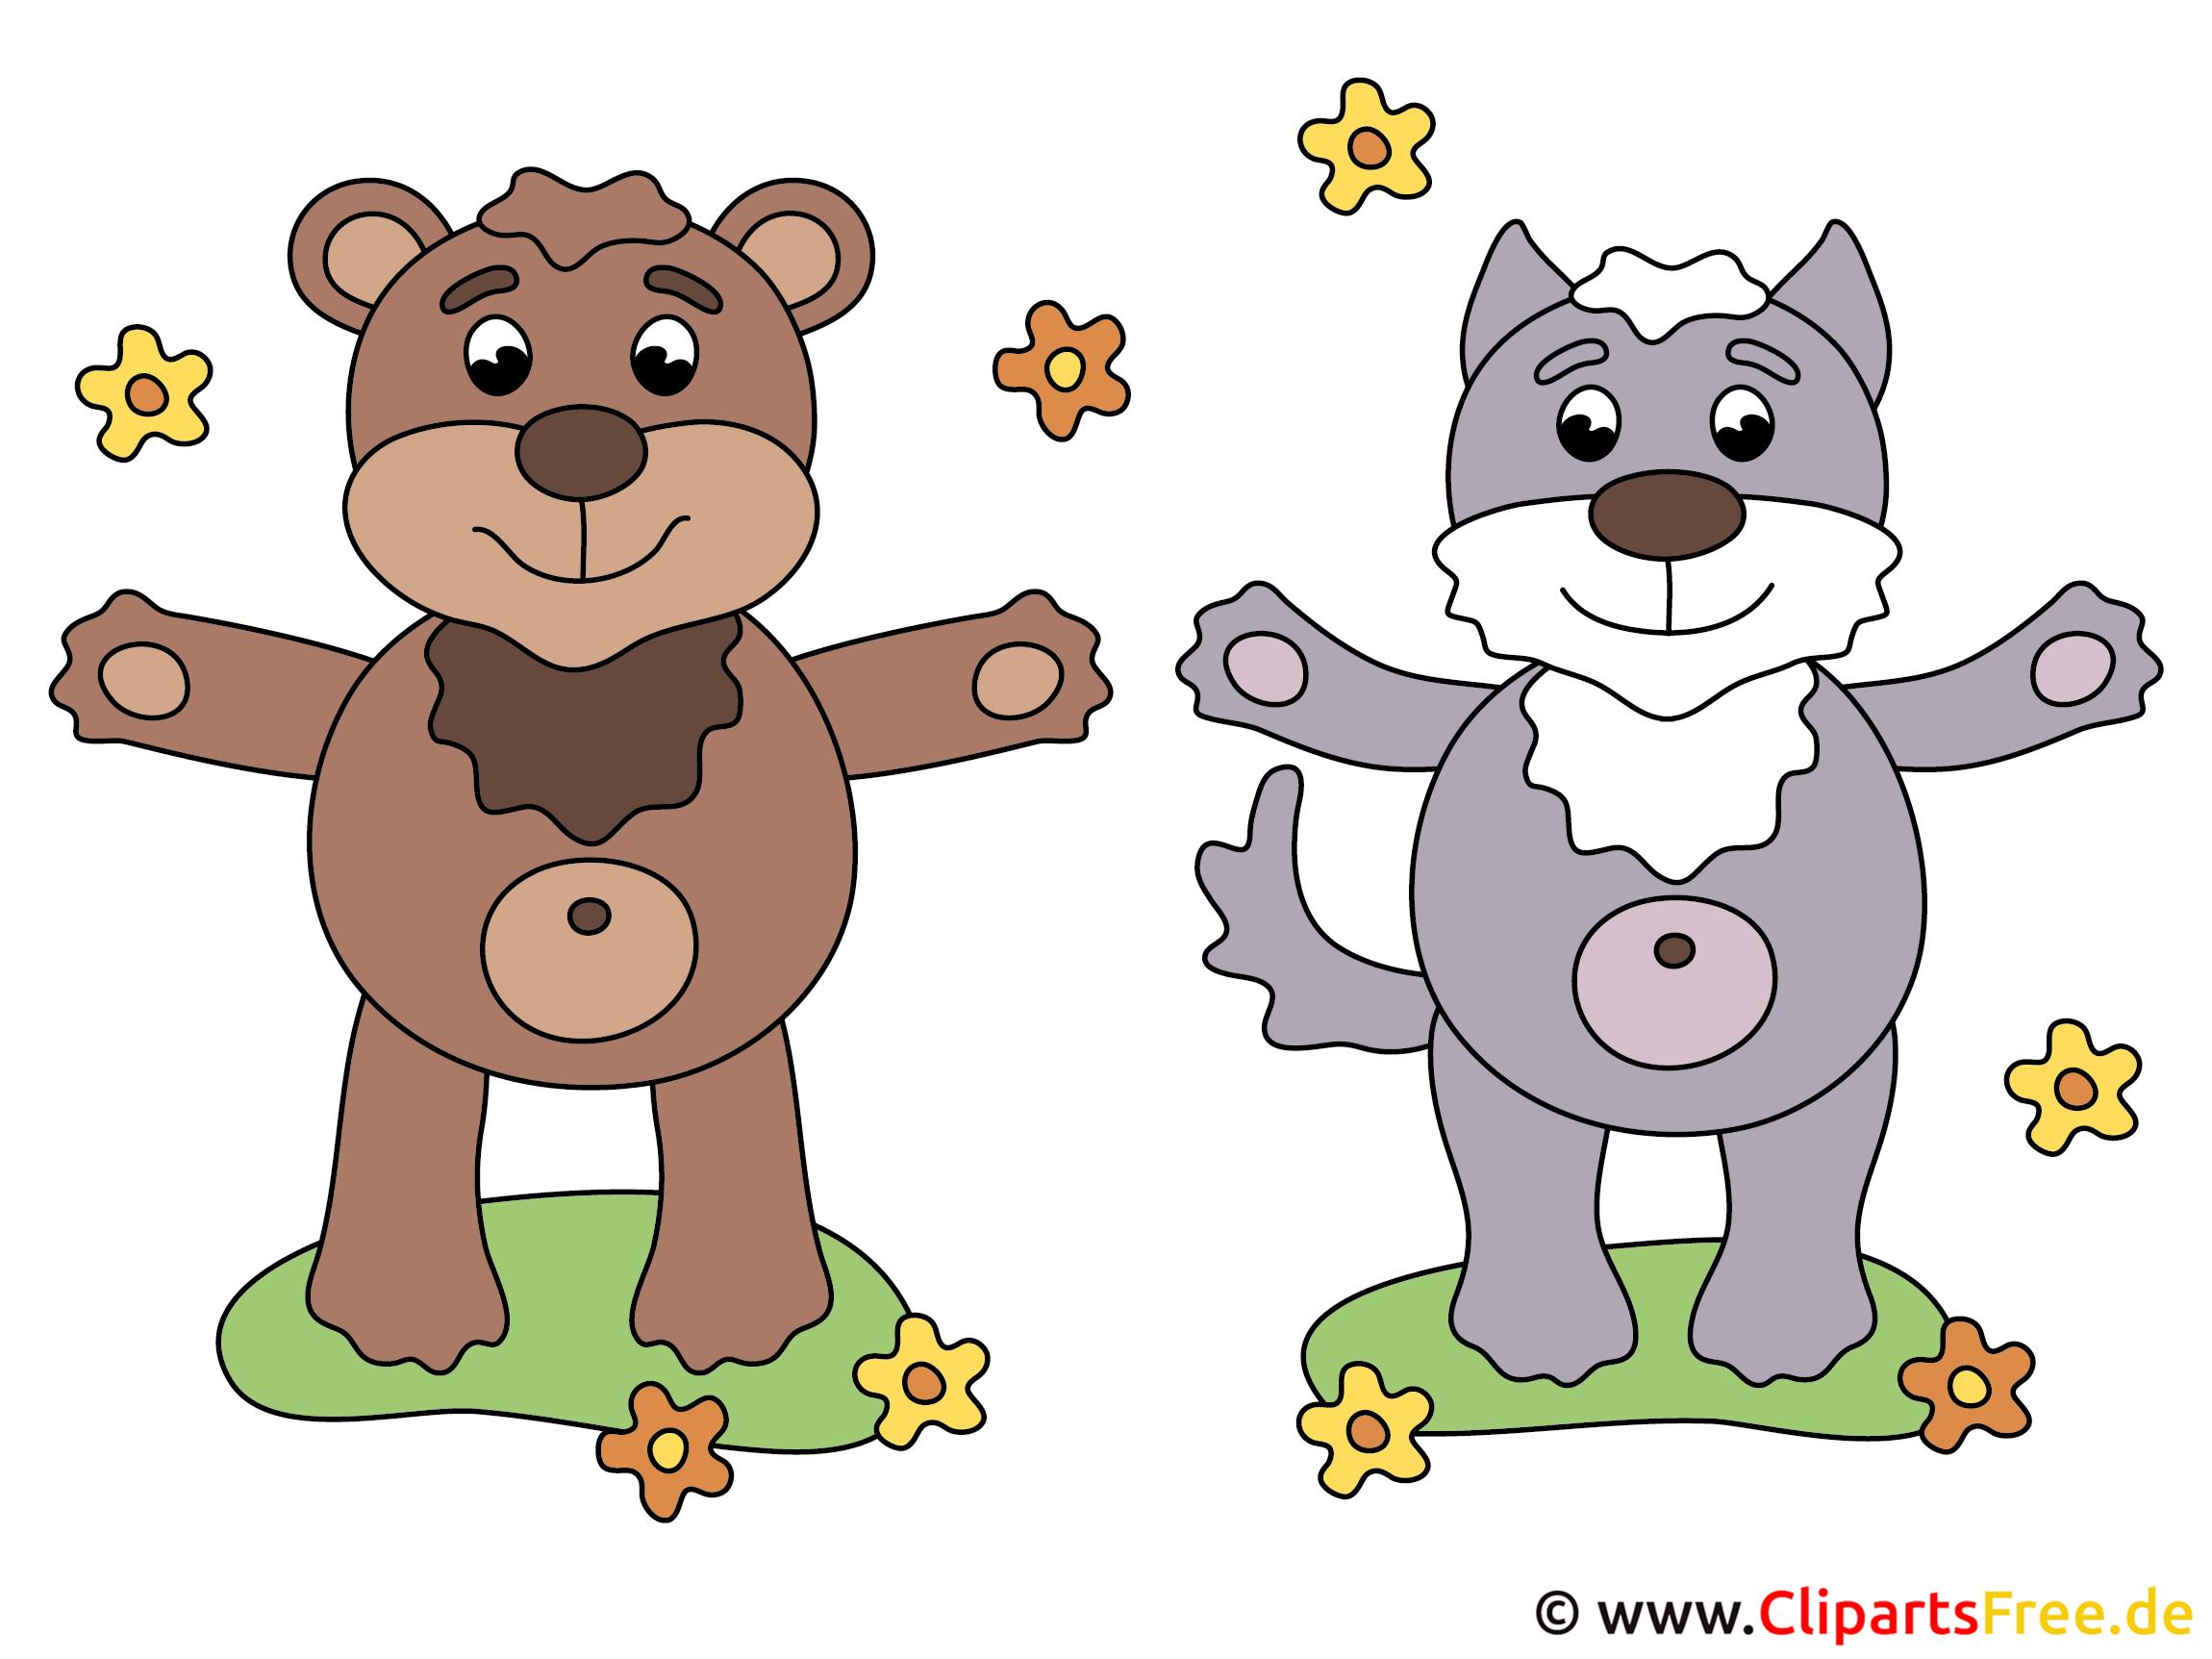 Cartoon Tiere - Bärchen und Kätzchen